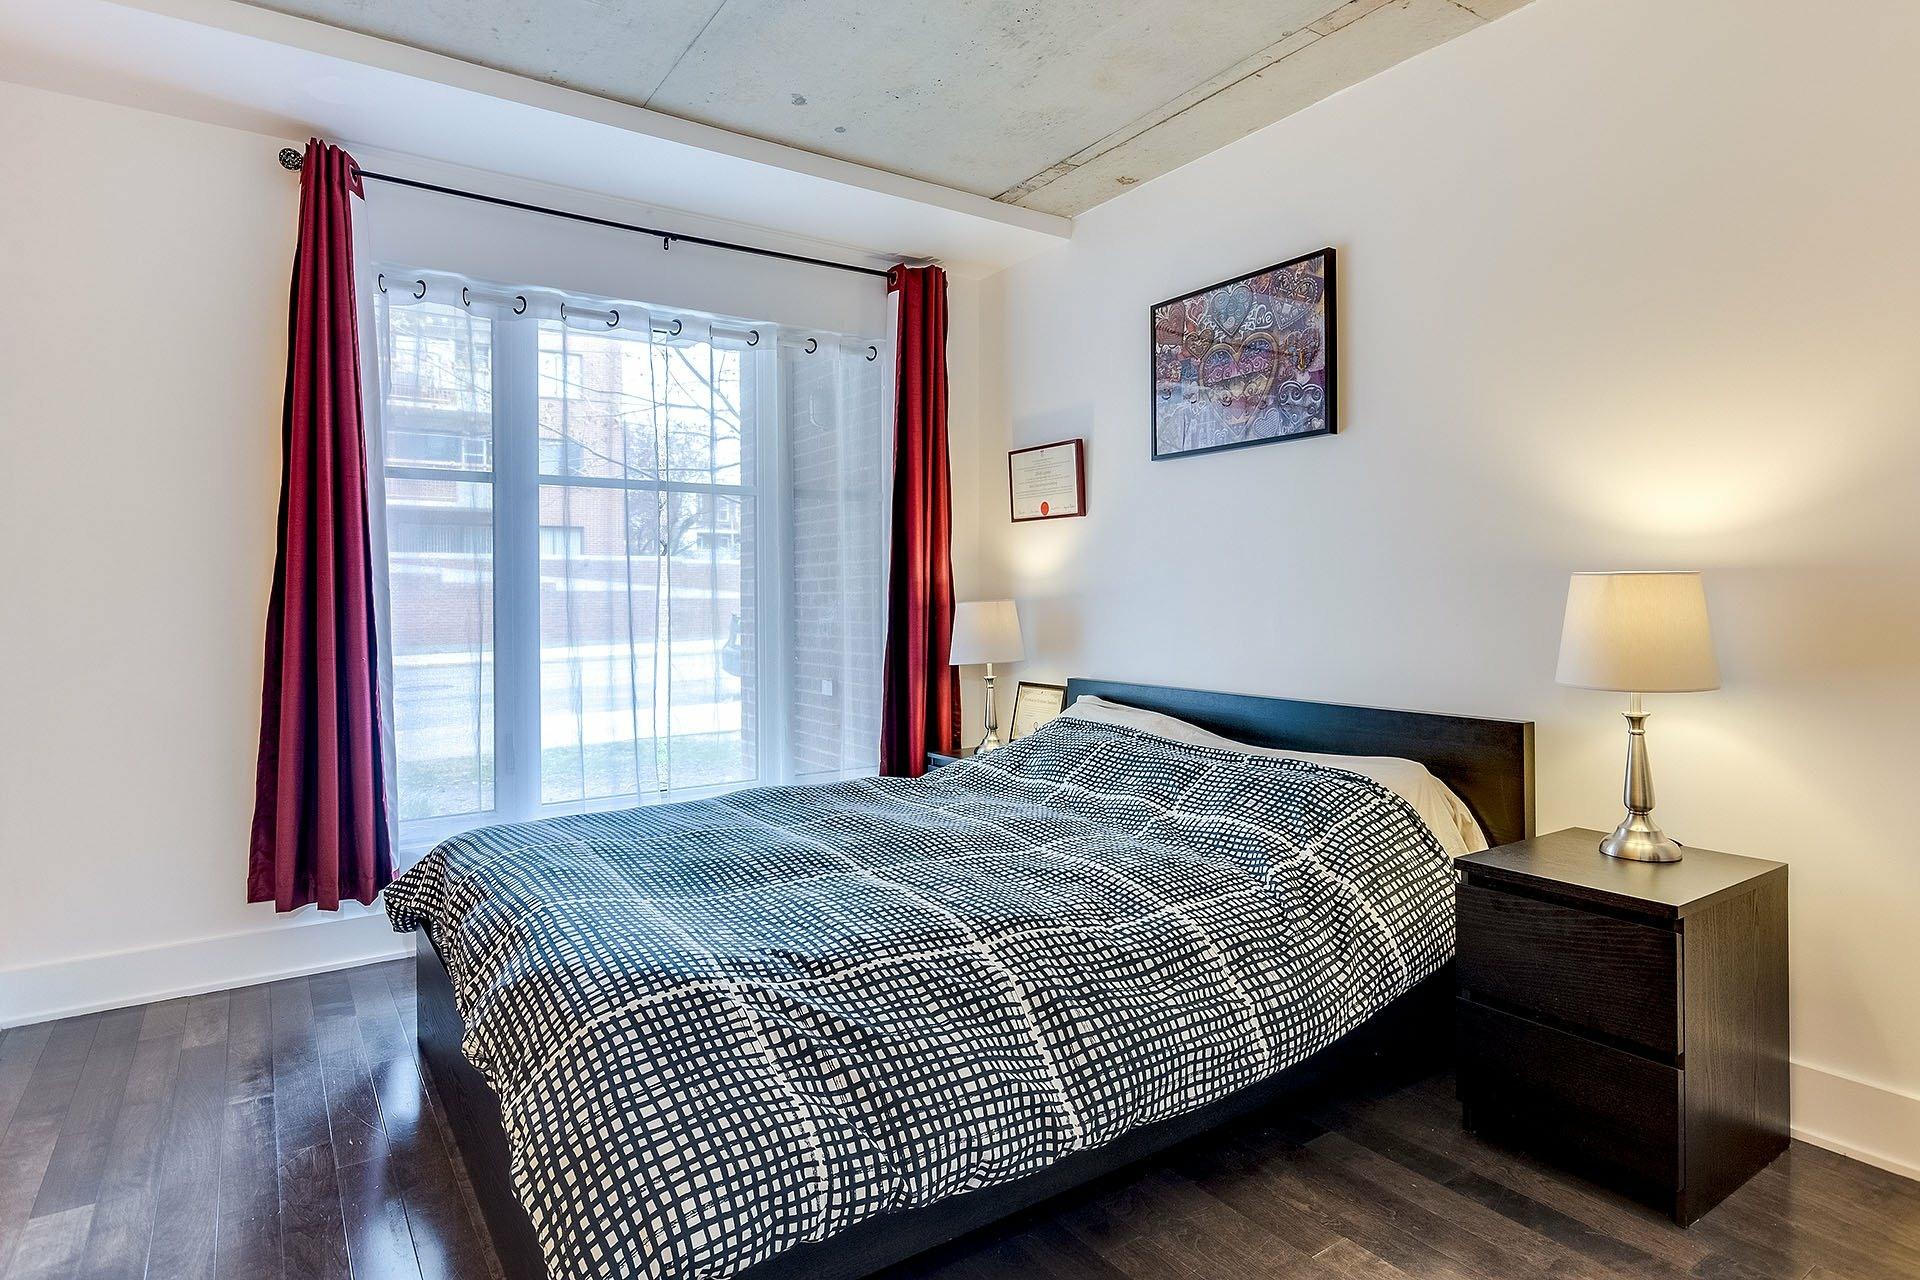 image 12 - Appartement À vendre Verdun/Île-des-Soeurs Montréal  - 5 pièces